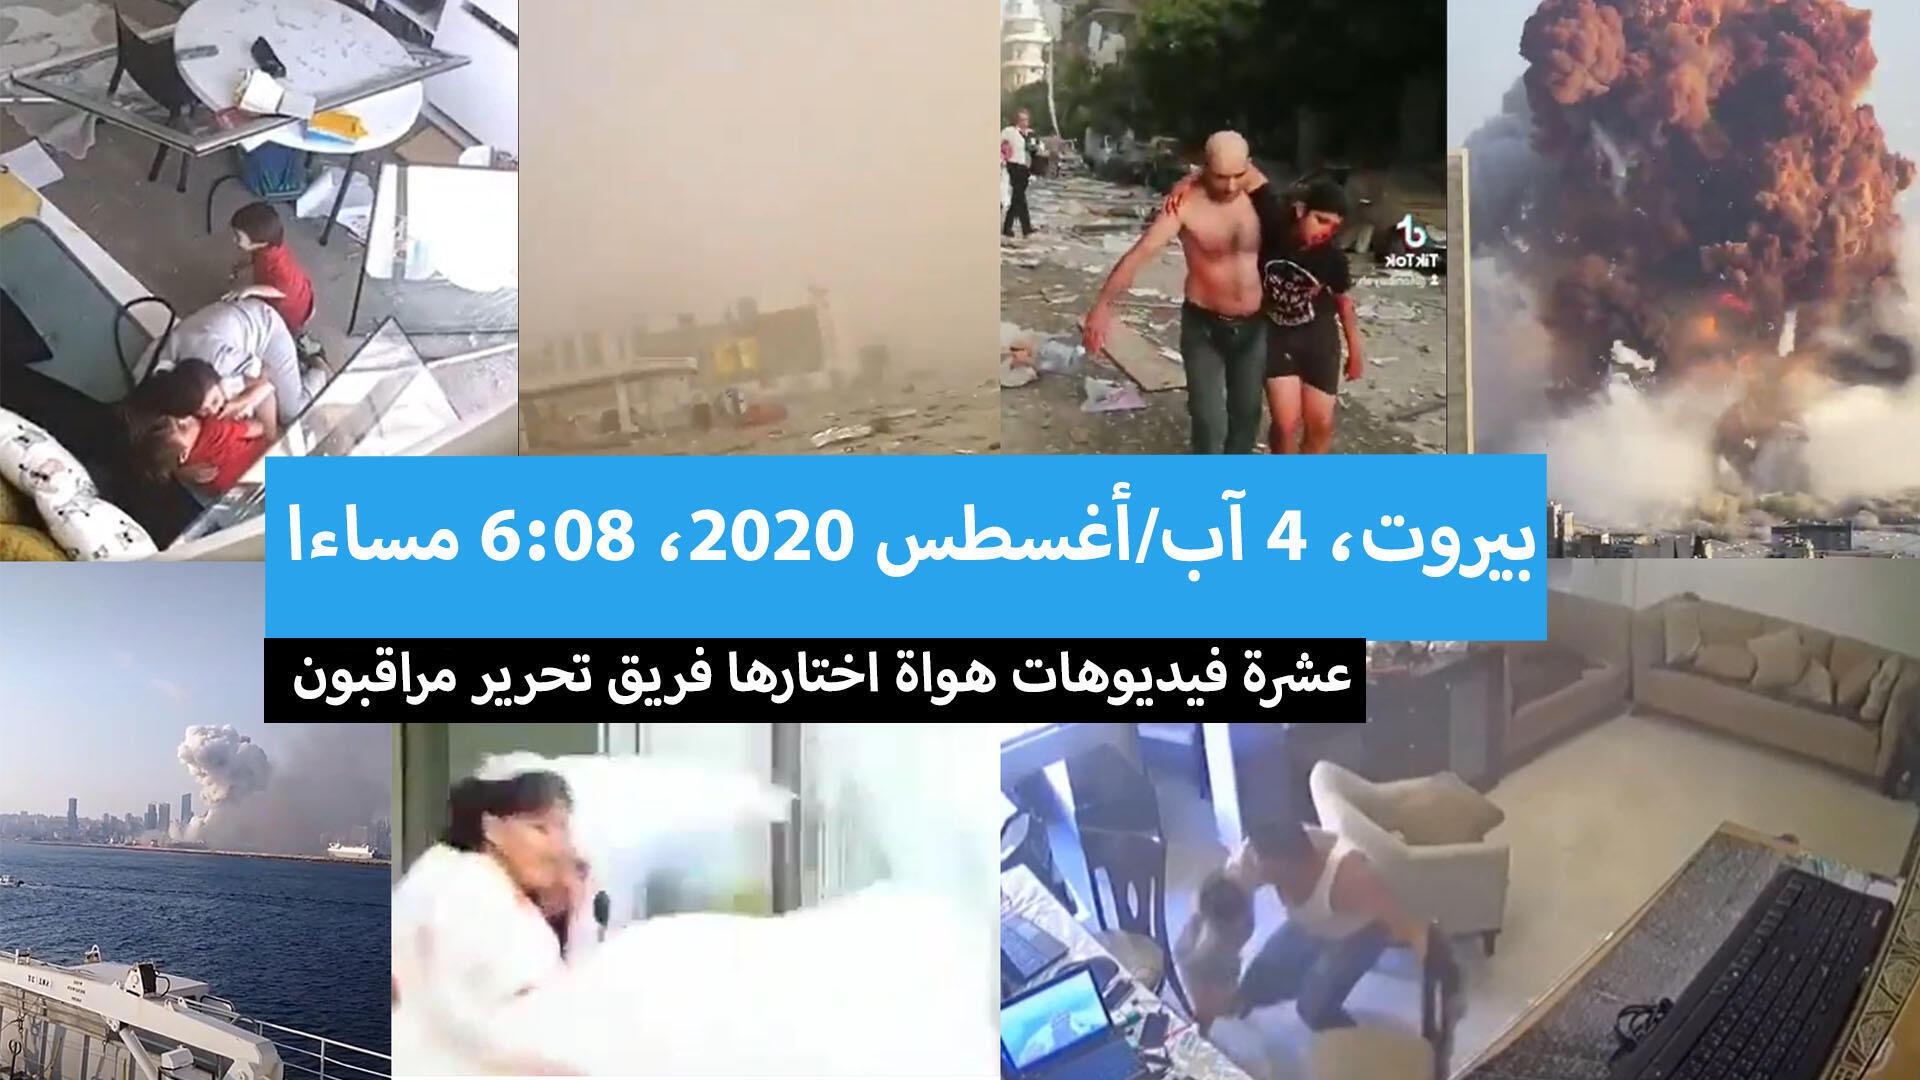 اختار فريق تحرير مراقبون فرانس 24 عشرة فيديوهات التقطت للانفجار المروع الذي هز بيروت في 4 آب/أغسطس 2020.